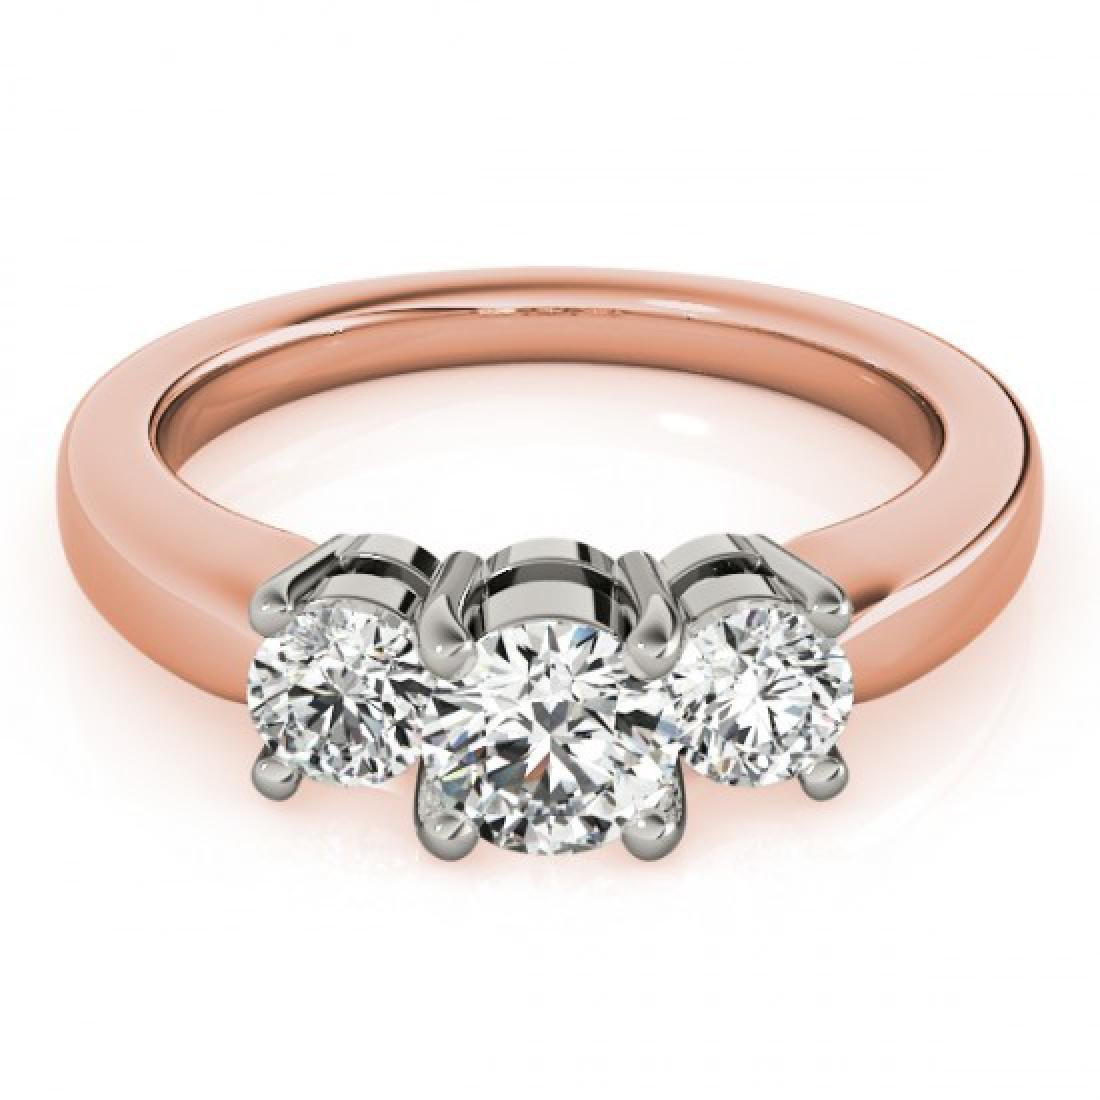 1.45 CTW Certified VS/SI Diamond 3 Stone Ring 14K Rose